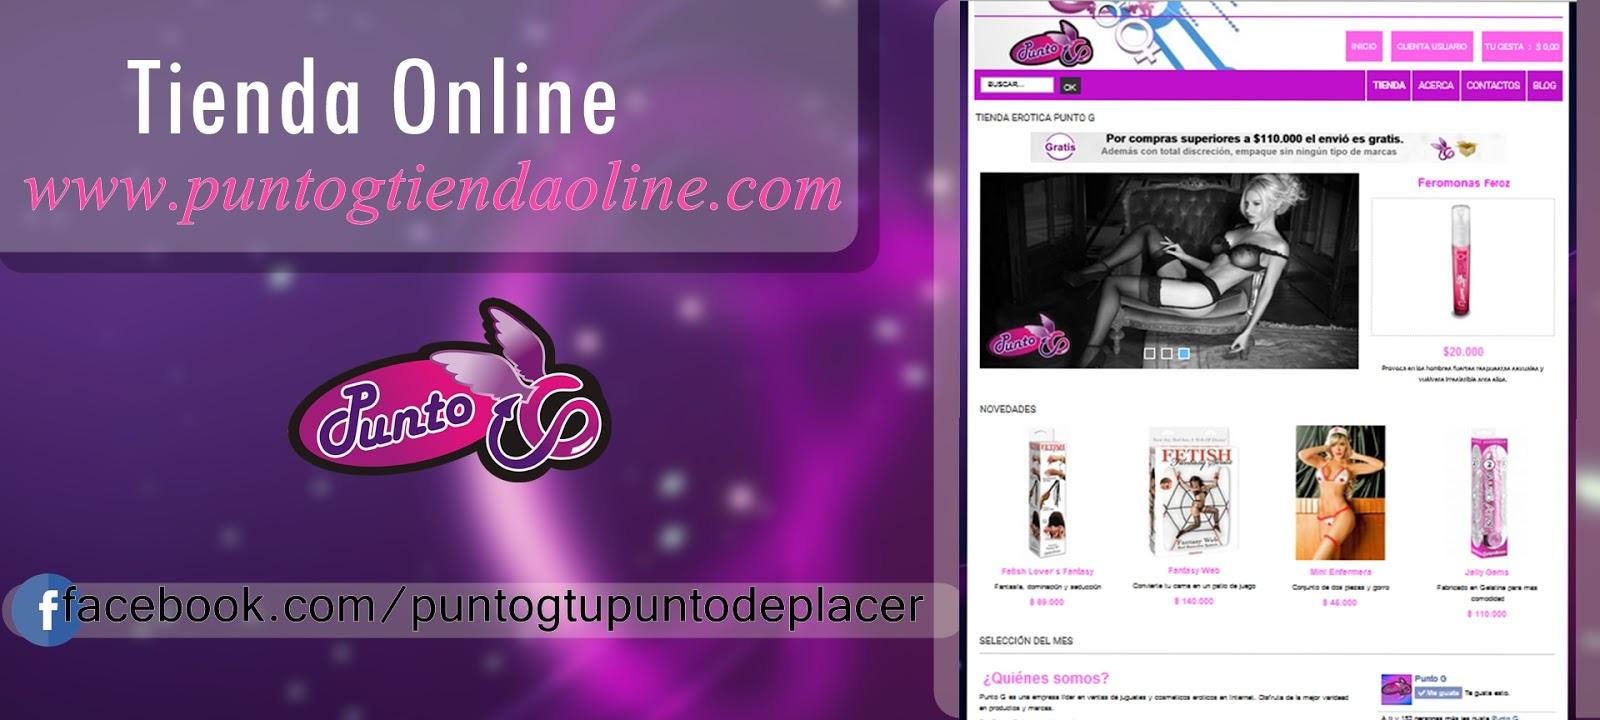 pagina%2Bonline  Prepagos Medellin - Escorts Medellin - Sex Shop en Armenia